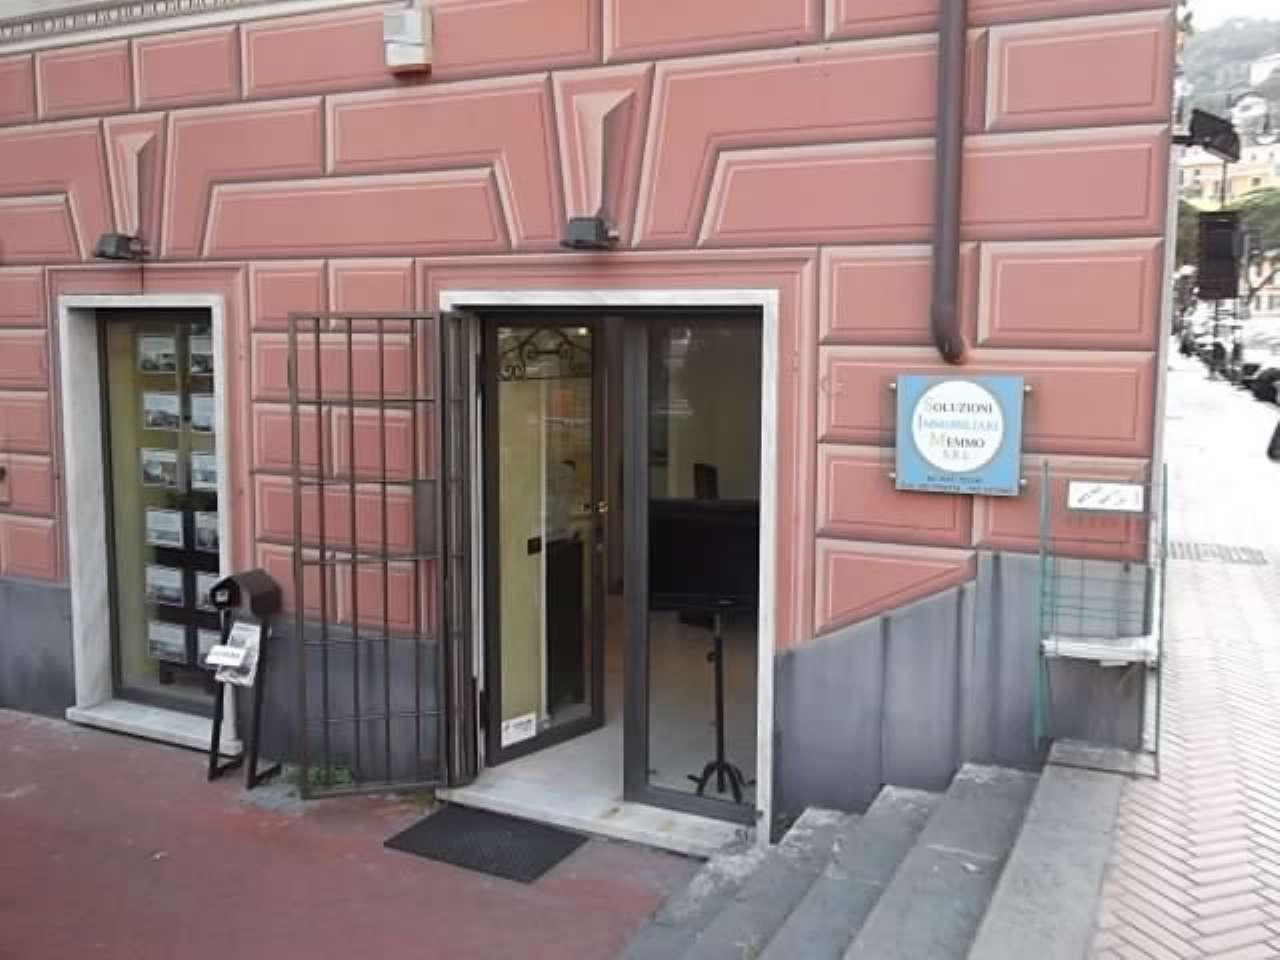 Negozio / Locale in affitto a Recco, 2 locali, prezzo € 1.000 | CambioCasa.it